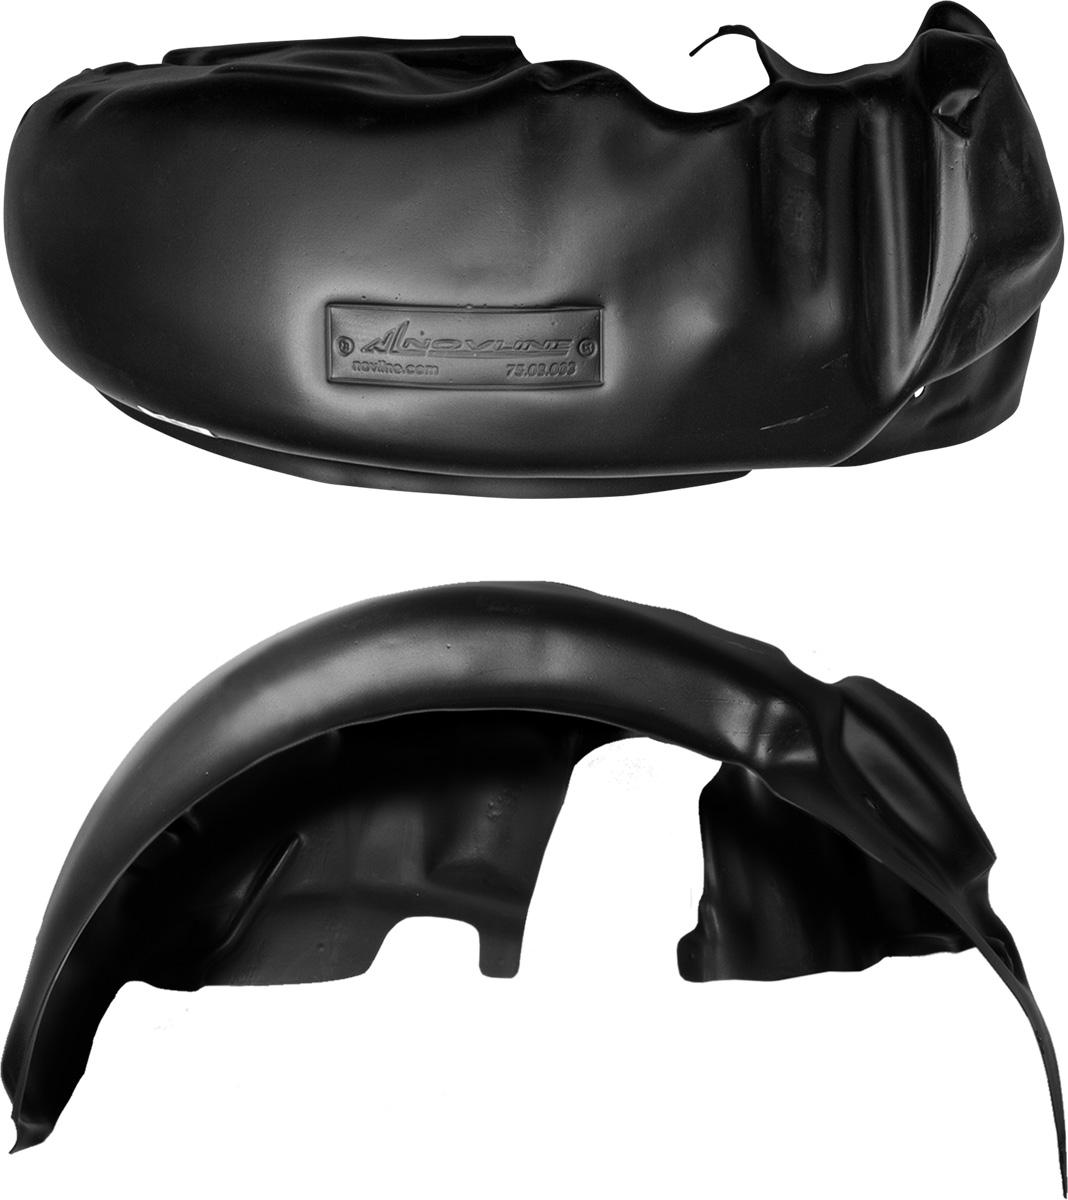 Подкрылок NISSAN Terrano 4x2, 2014->, задний правый2706 (ПО)Колесные ниши – одни из самых уязвимых зон днища вашего автомобиля. Они постоянно подвергаются воздействию со стороны дороги. Лучшая, почти абсолютная защита для них - специально отформованные пластиковые кожухи, которые называются подкрылками, или локерами. Производятся они как для отечественных моделей автомобилей, так и для иномарок. Подкрылки выполнены из высококачественного, экологически чистого пластика. Обеспечивают надежную защиту кузова автомобиля от пескоструйного эффекта и негативного влияния, агрессивных антигололедных реагентов. Пластик обладает более низкой теплопроводностью, чем металл, поэтому в зимний период эксплуатации использование пластиковых подкрылков позволяет лучше защитить колесные ниши от налипания снега и образования наледи. Оригинальность конструкции подчеркивает элегантность автомобиля, бережно защищает нанесенное на днище кузова антикоррозийное покрытие и позволяет осуществить крепление подкрылков внутри колесной арки практически без дополнительного крепежа и сверления, не нарушая при этом лакокрасочного покрытия, что предотвращает возникновение новых очагов коррозии. Технология крепления подкрылков на иномарки принципиально отличается от крепления на российские автомобили и разрабатывается индивидуально для каждой модели автомобиля. Подкрылки долговечны, обладают высокой прочностью и сохраняют заданную форму, а также все свои физико-механические характеристики в самых тяжелых климатических условиях ( от -50° С до + 50° С).